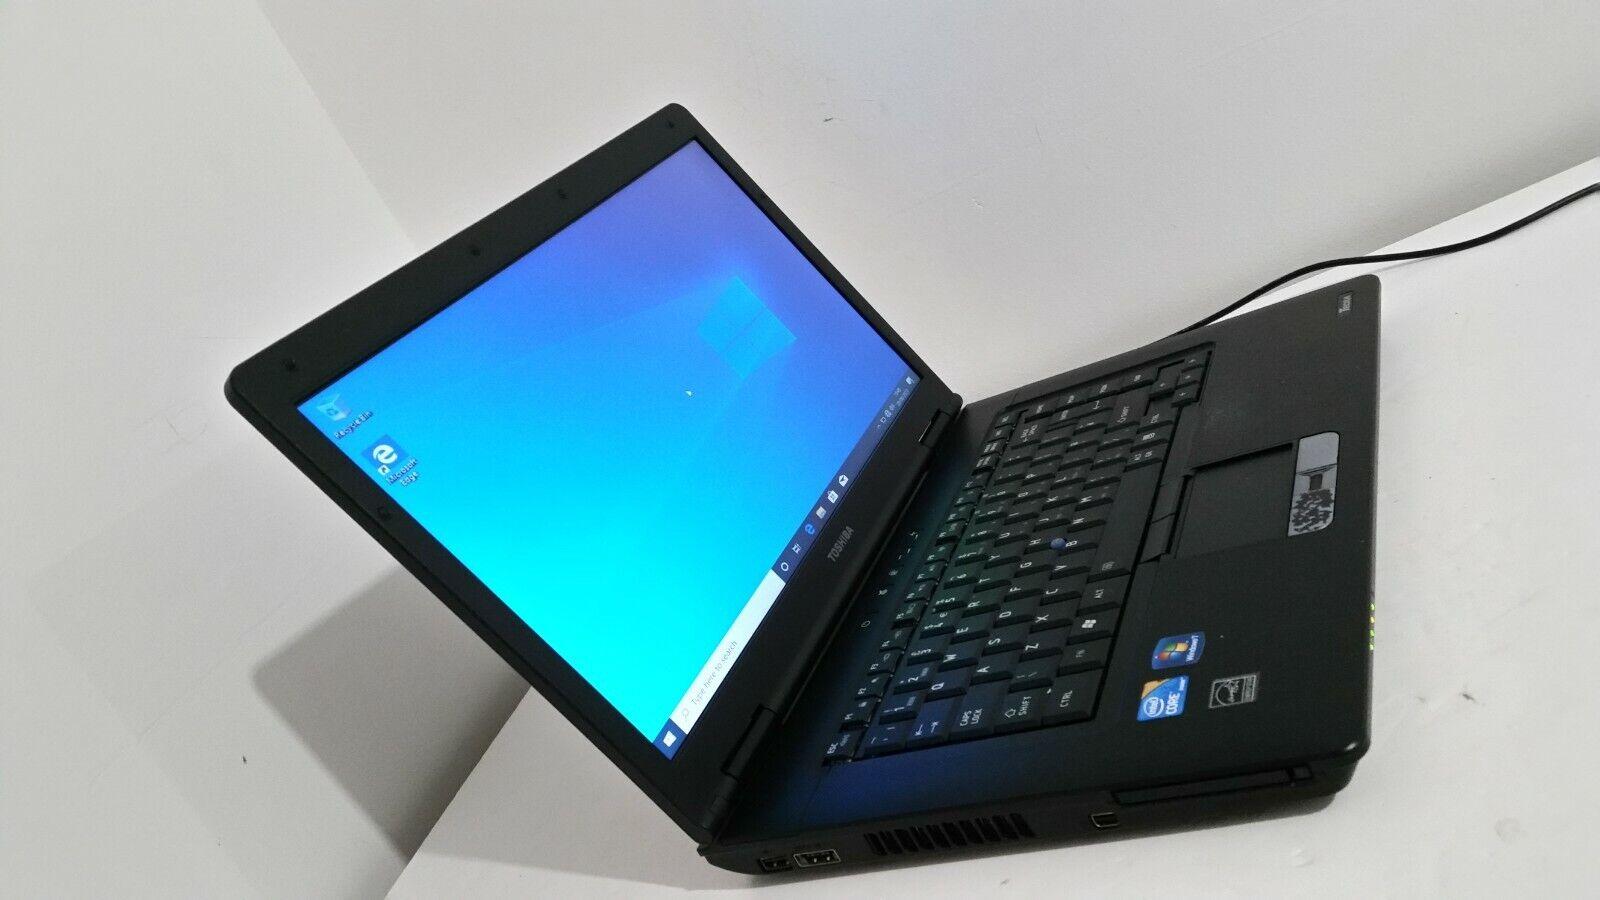 Laptop Windows - Toshiba Tecra A11-17C Laptop, Intel i3-330M CPU, Windows 10, 320 GB HD, 4 GB Ram